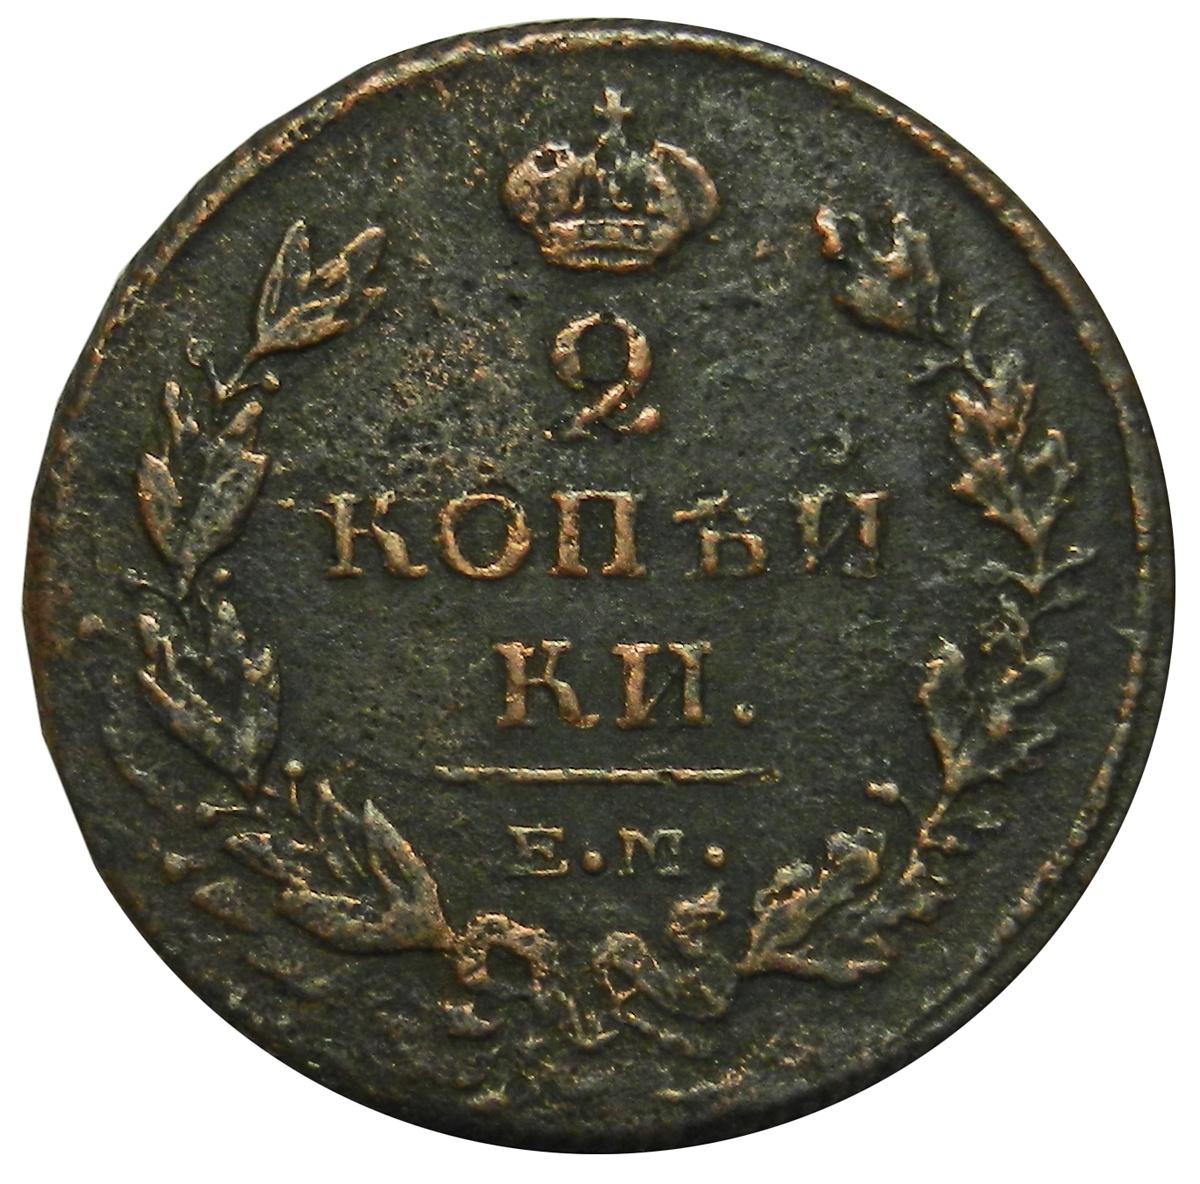 Монета 2 копейки. Российская Империя, 1811 год (ЕМ НМ) (Обычный орел) Шнуровидный гурт. Уздеников - точка (Не совсем обыкновенная монета) VF